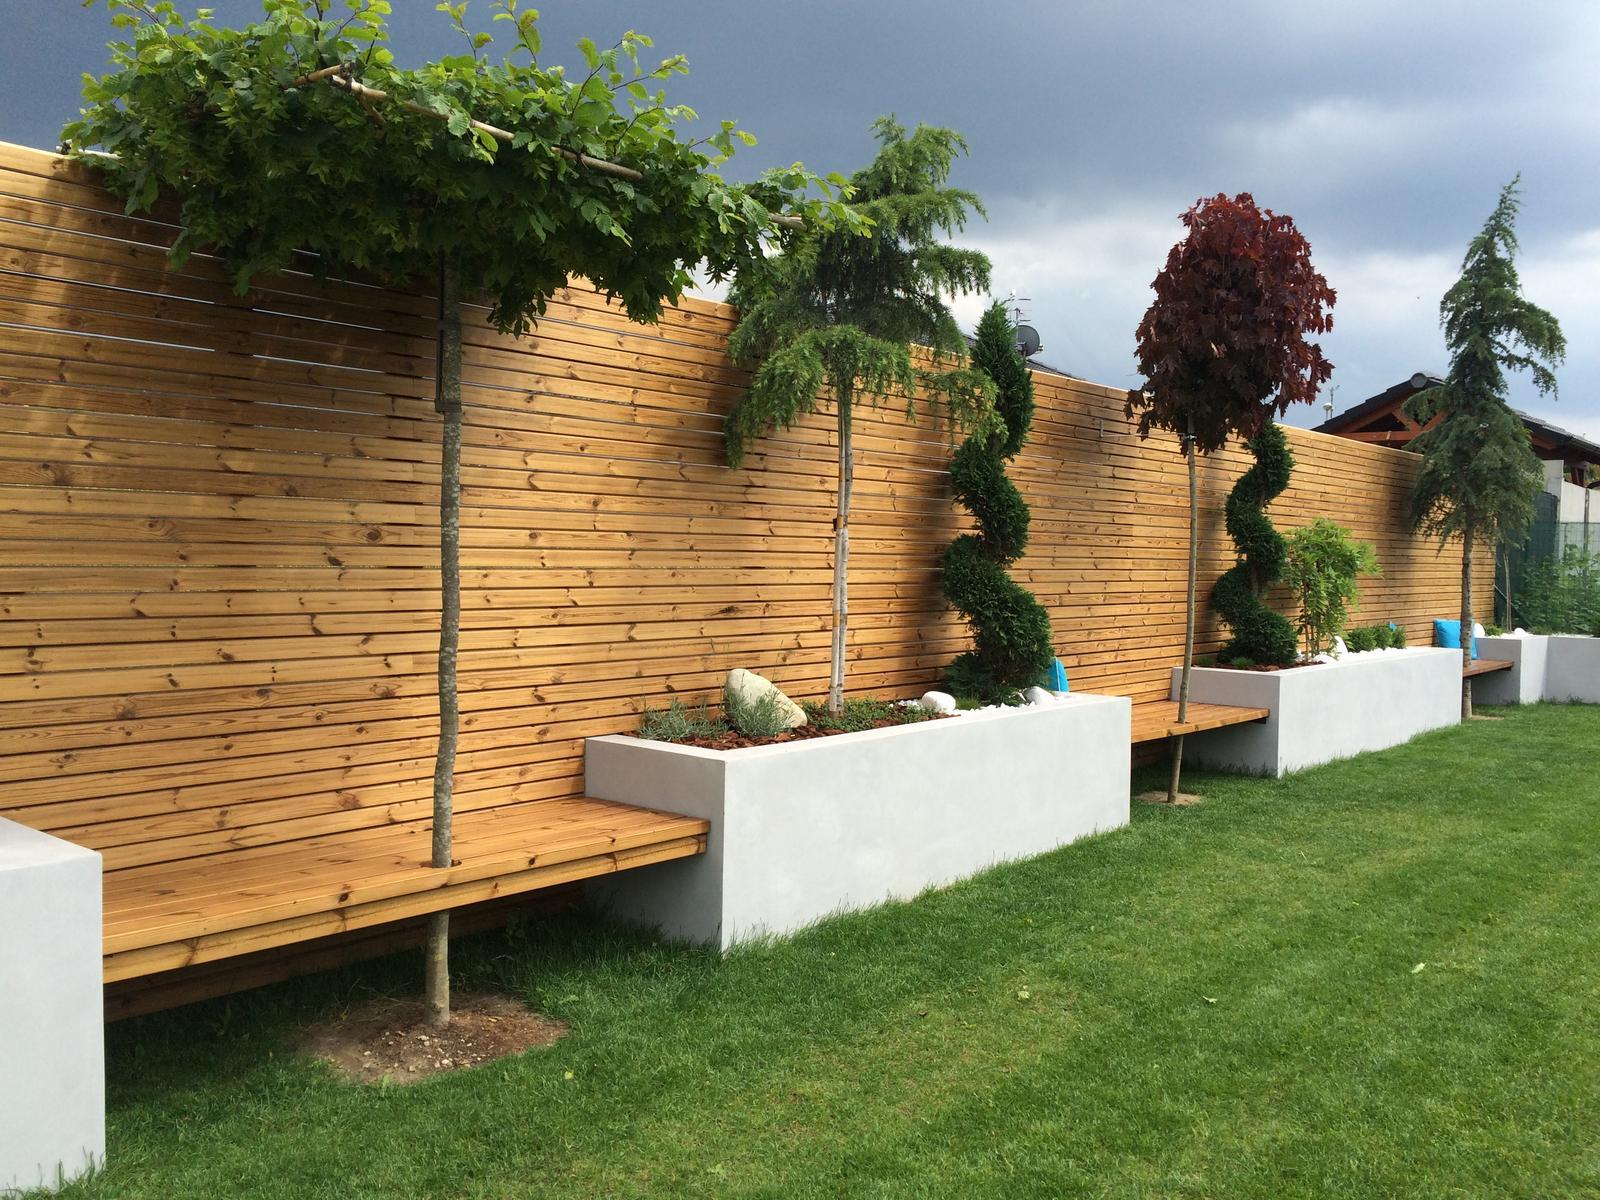 Zahradka - dokoncena lavicka